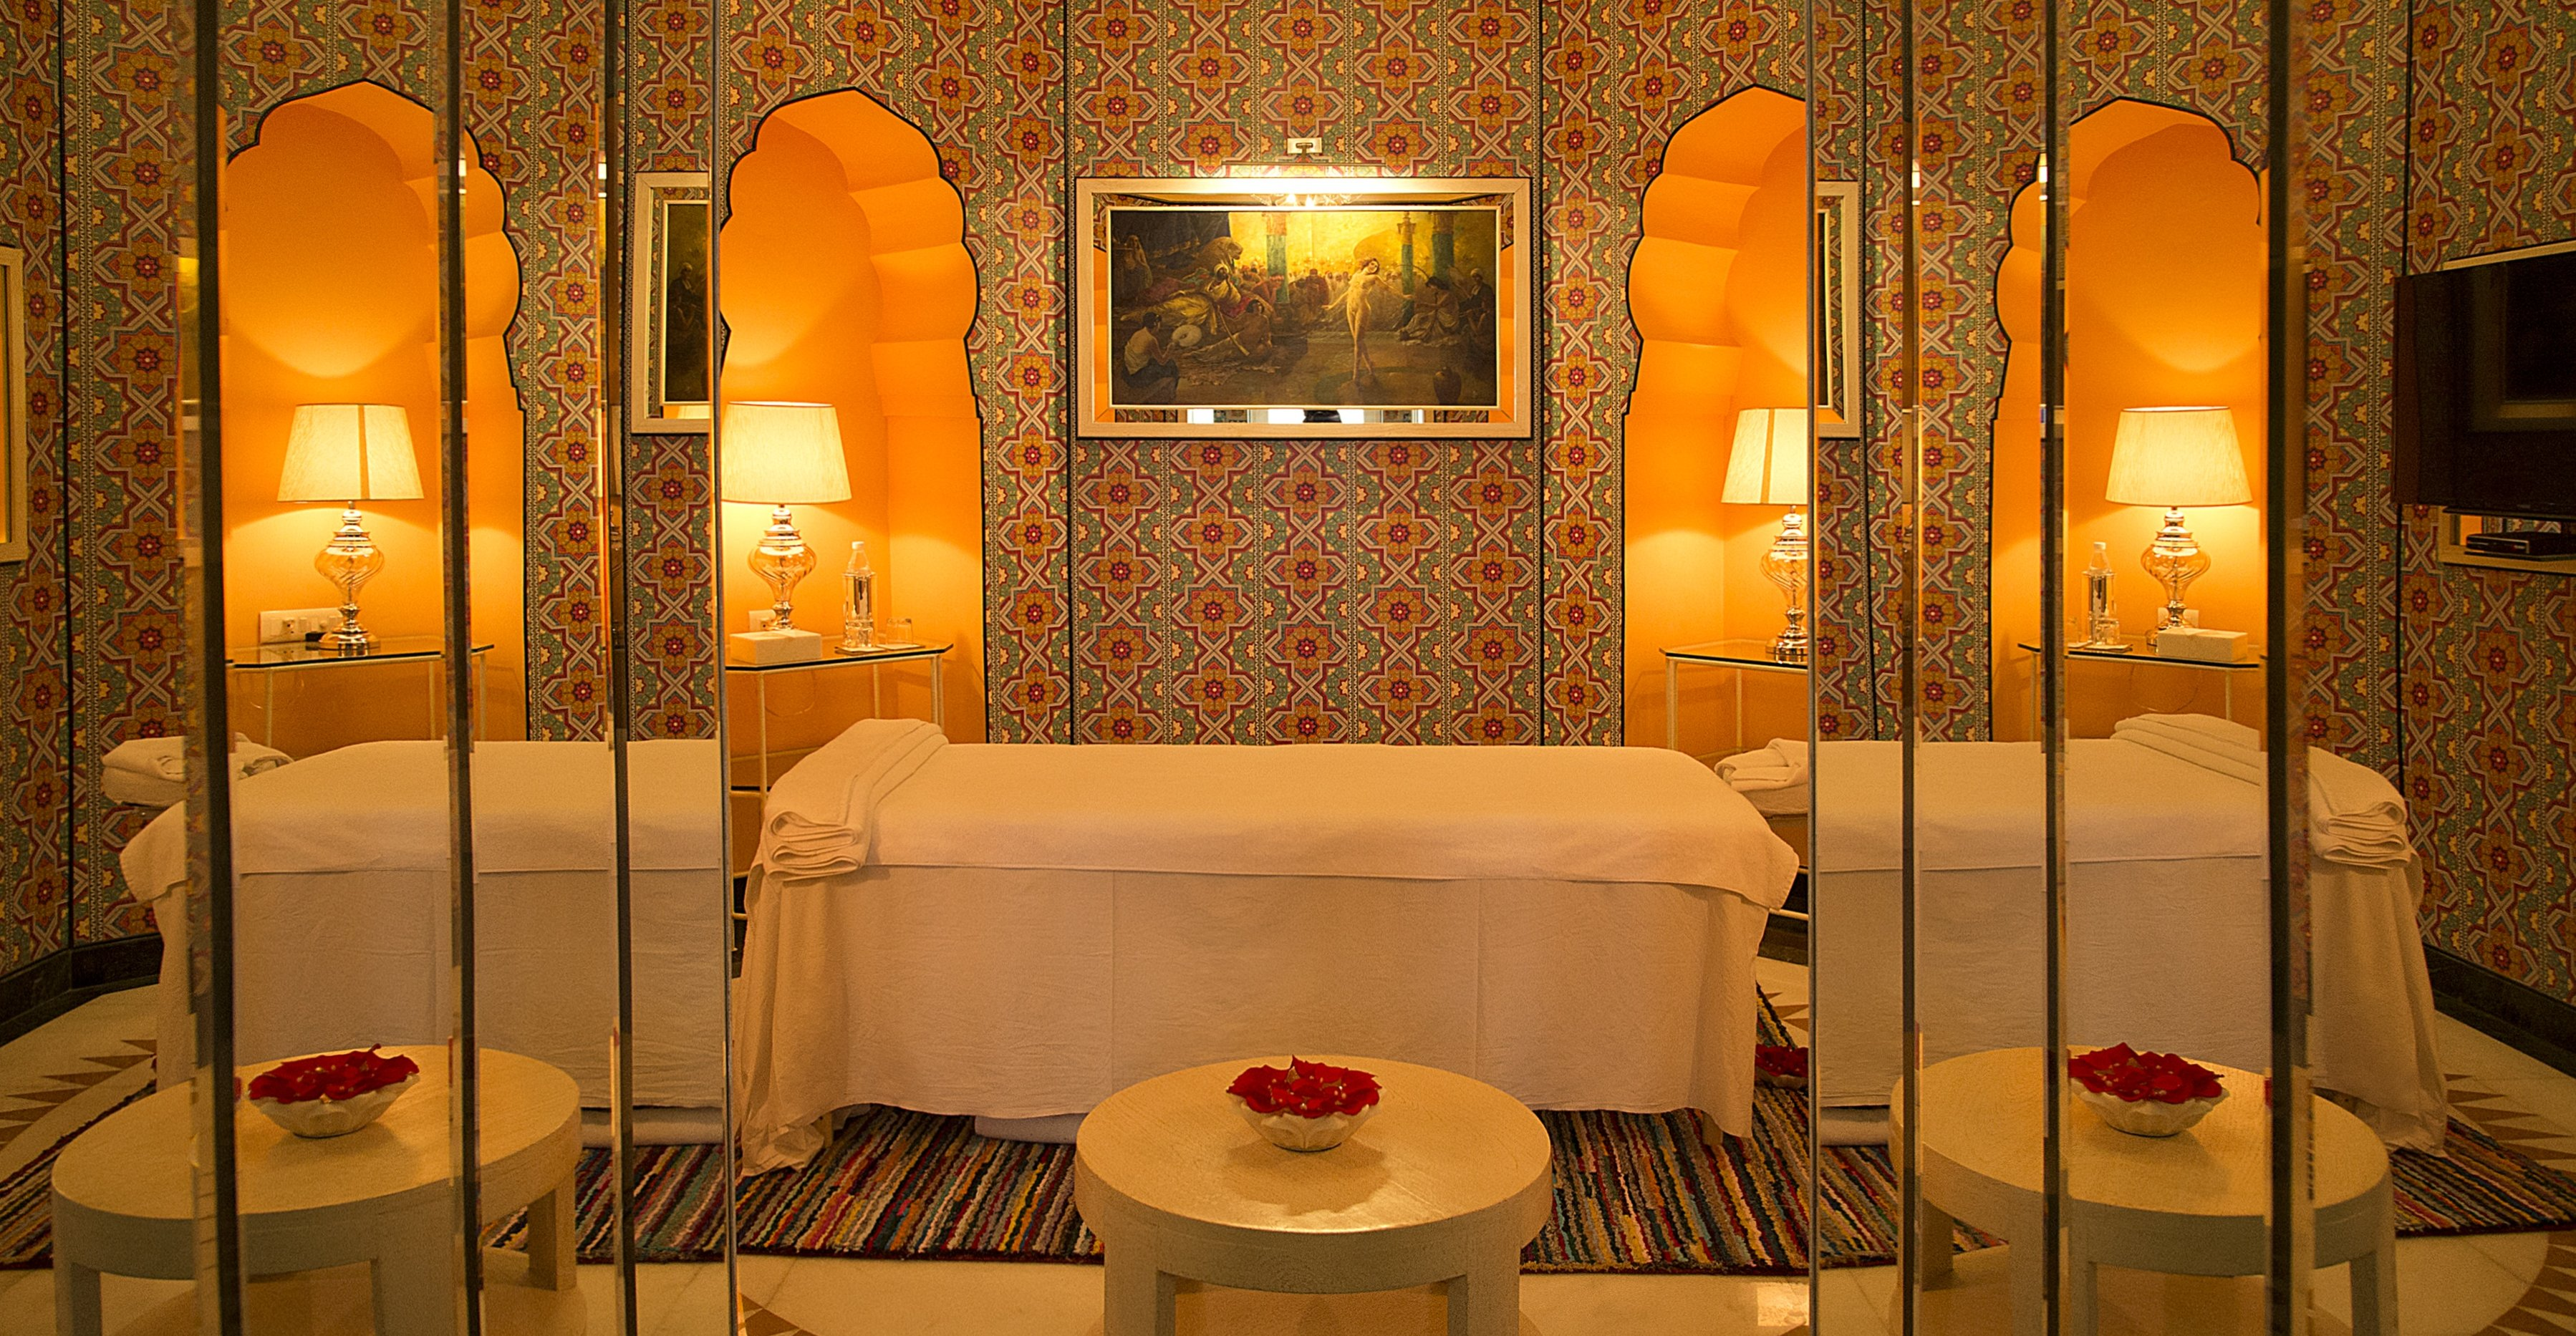 spa-treatment-room-jaipur